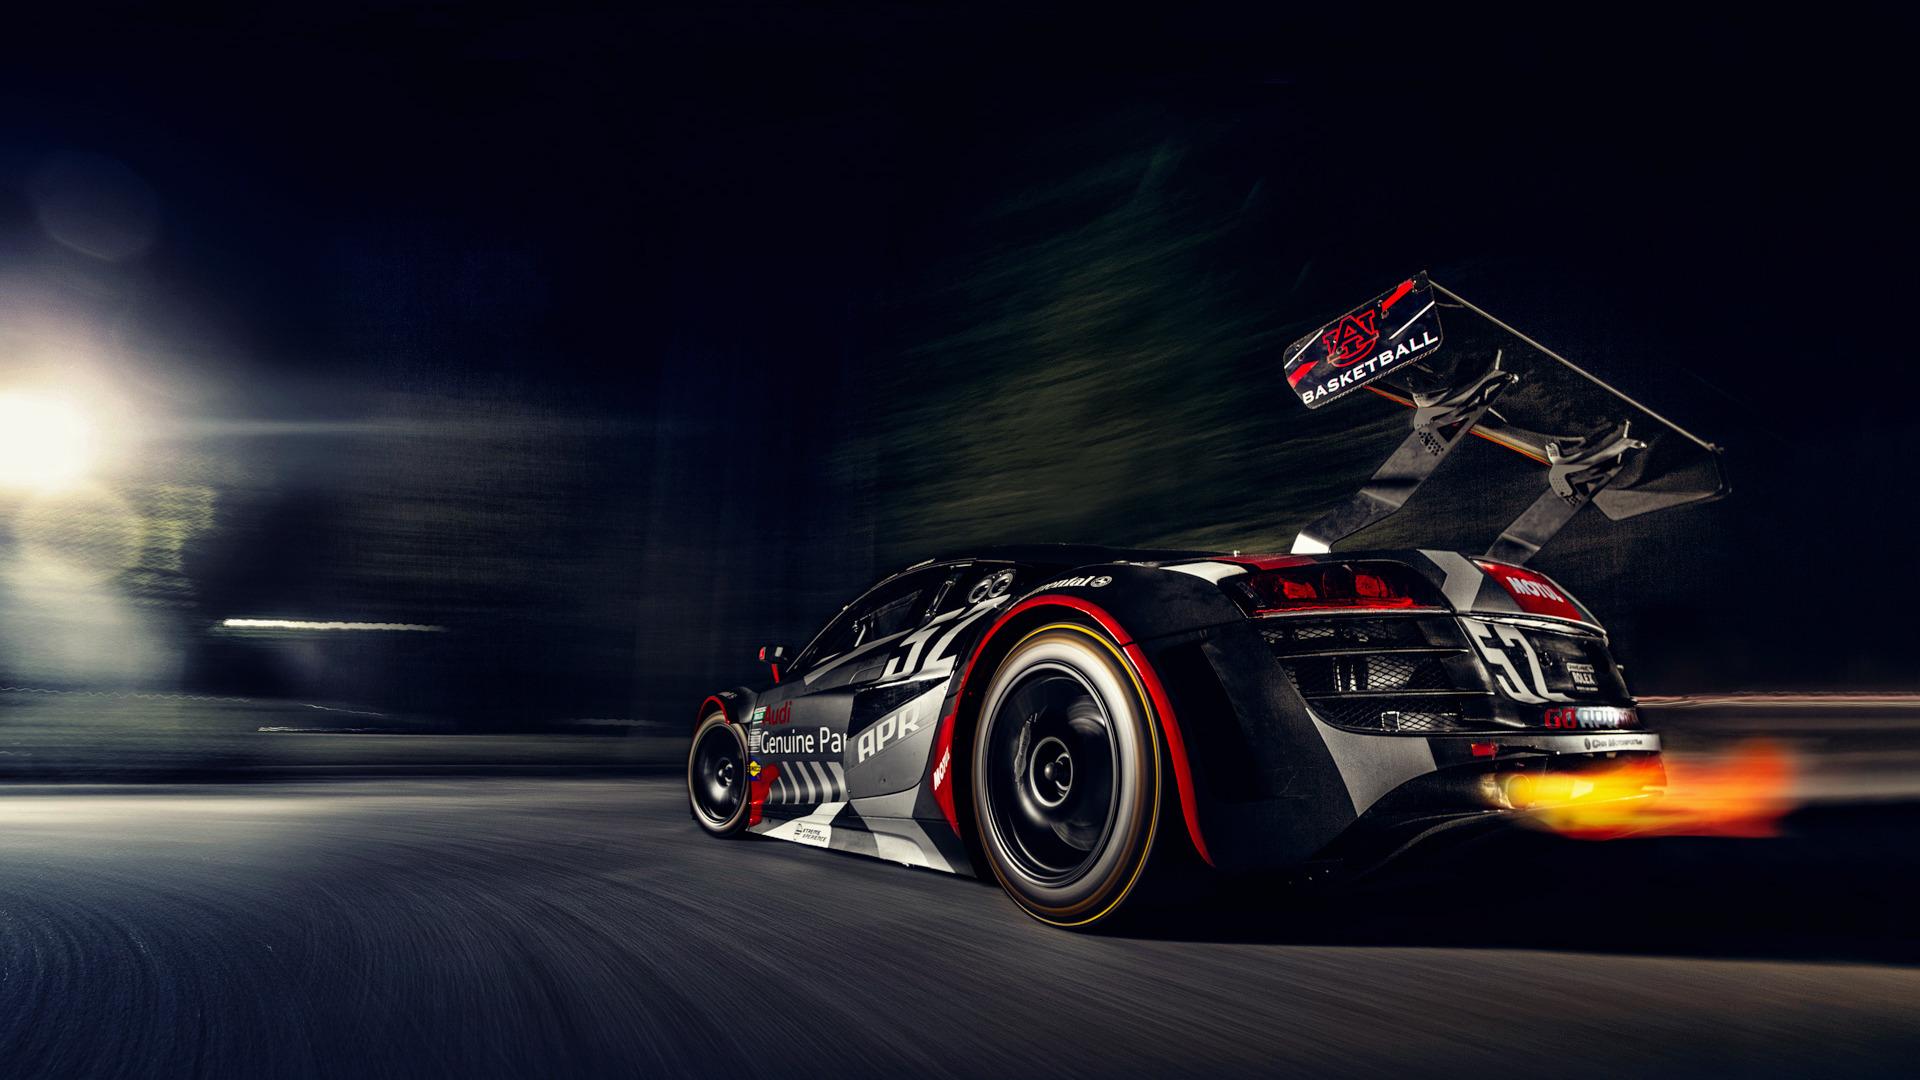 Красивые картинки с гонками